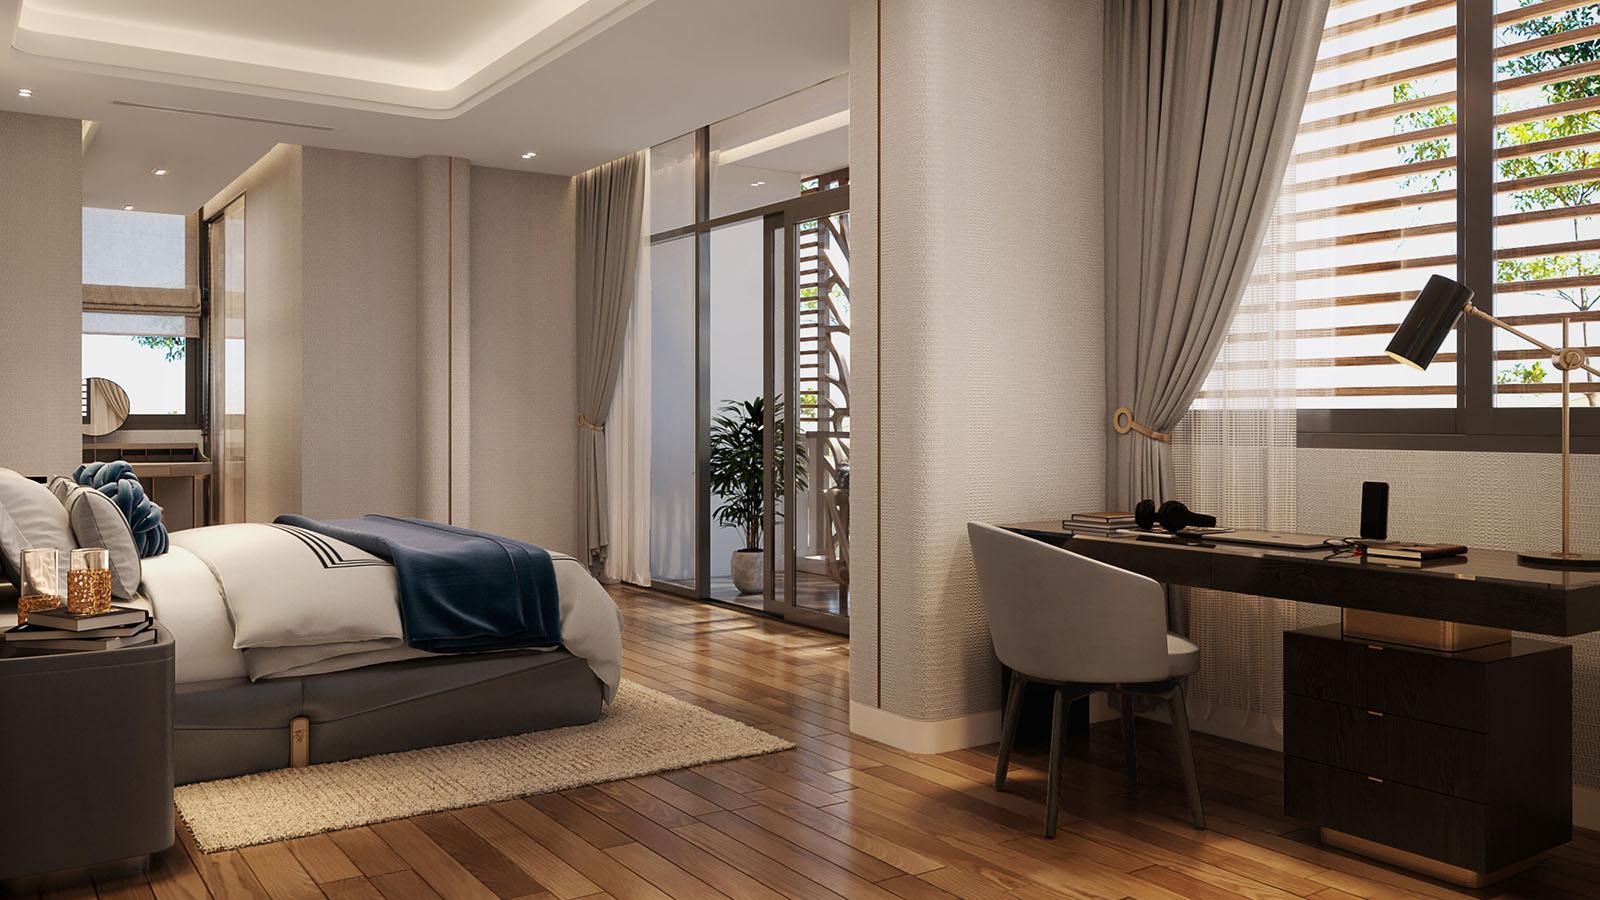 Nội thất biệt thự Meyhomes - Phòng ngủ